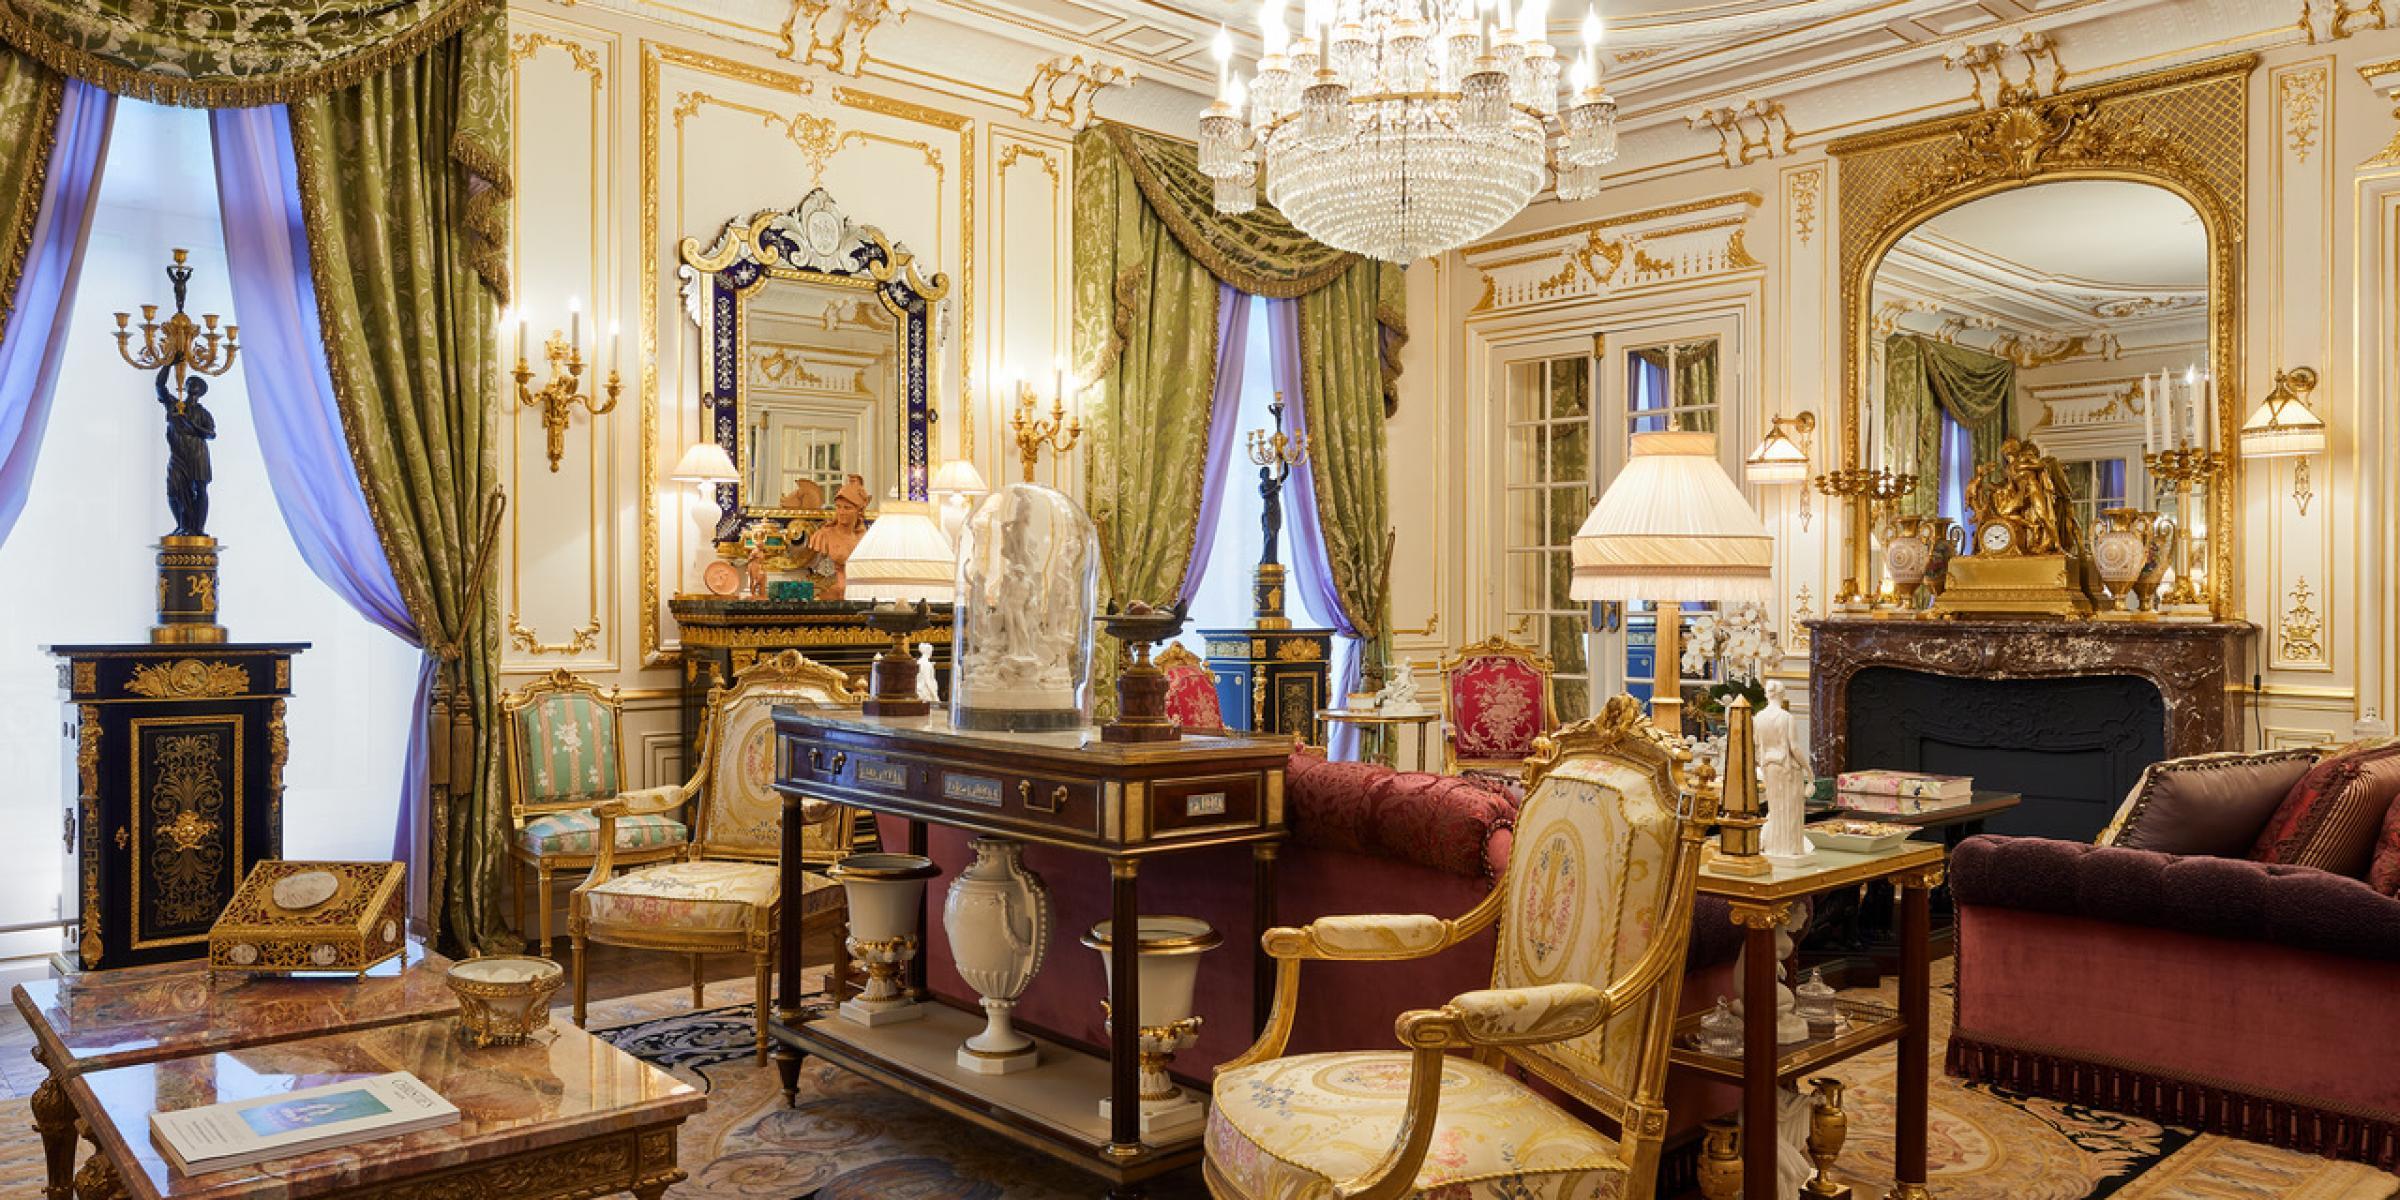 Décoration Architecture intérieure Olivier Berni Interieurs Paris Trocadero France 12